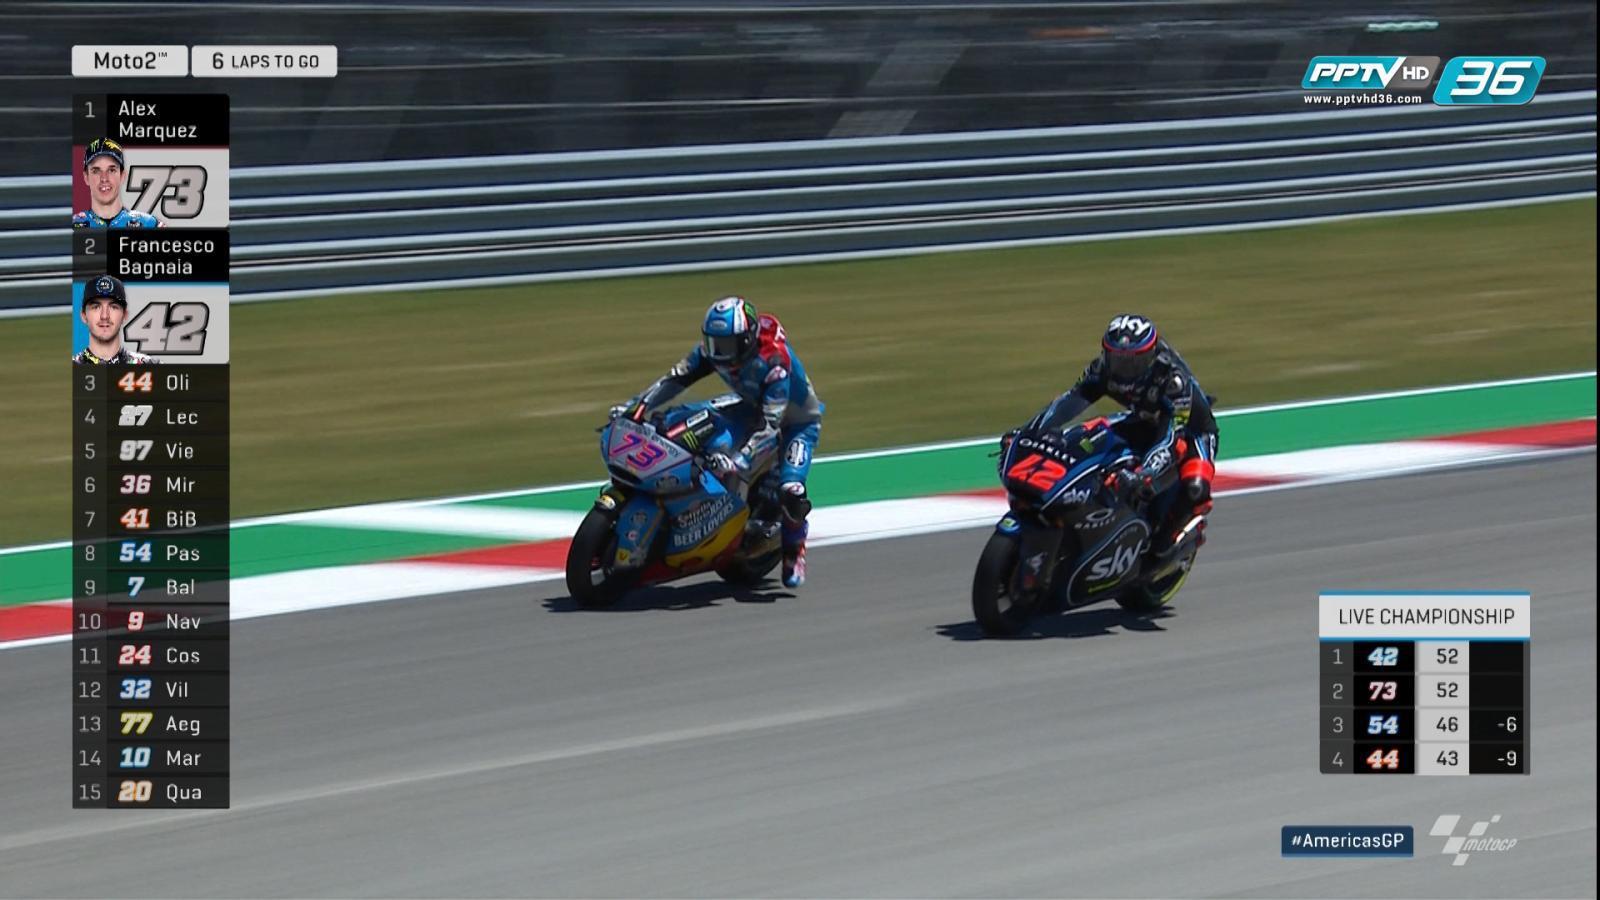 ชมจังหวะ Francesco Bagnaia และ Álex Márquez ผลัดกันเร่งเครื่องแซงเพื่อขึ้นเป็นผู้นำ MOTO 2 สนามที่ 3